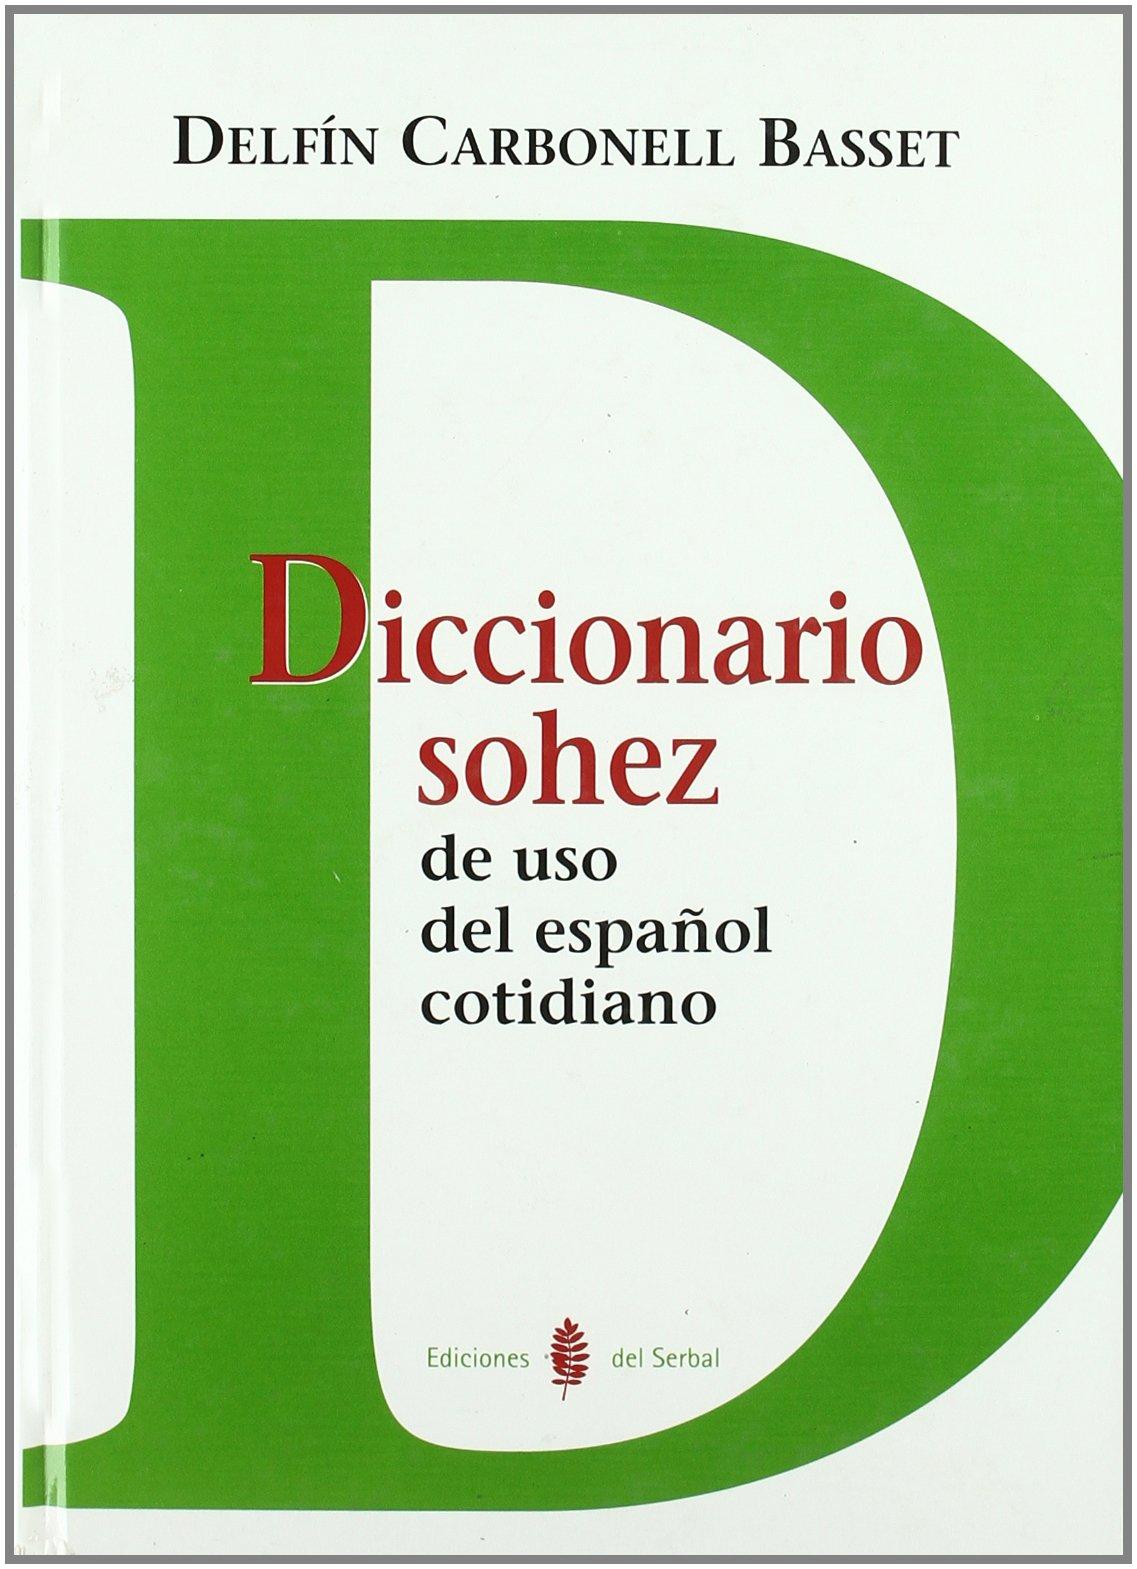 Diccionario sohez de uso del español cotidiano (Lexicografía) por Delfín Carbonell Basset